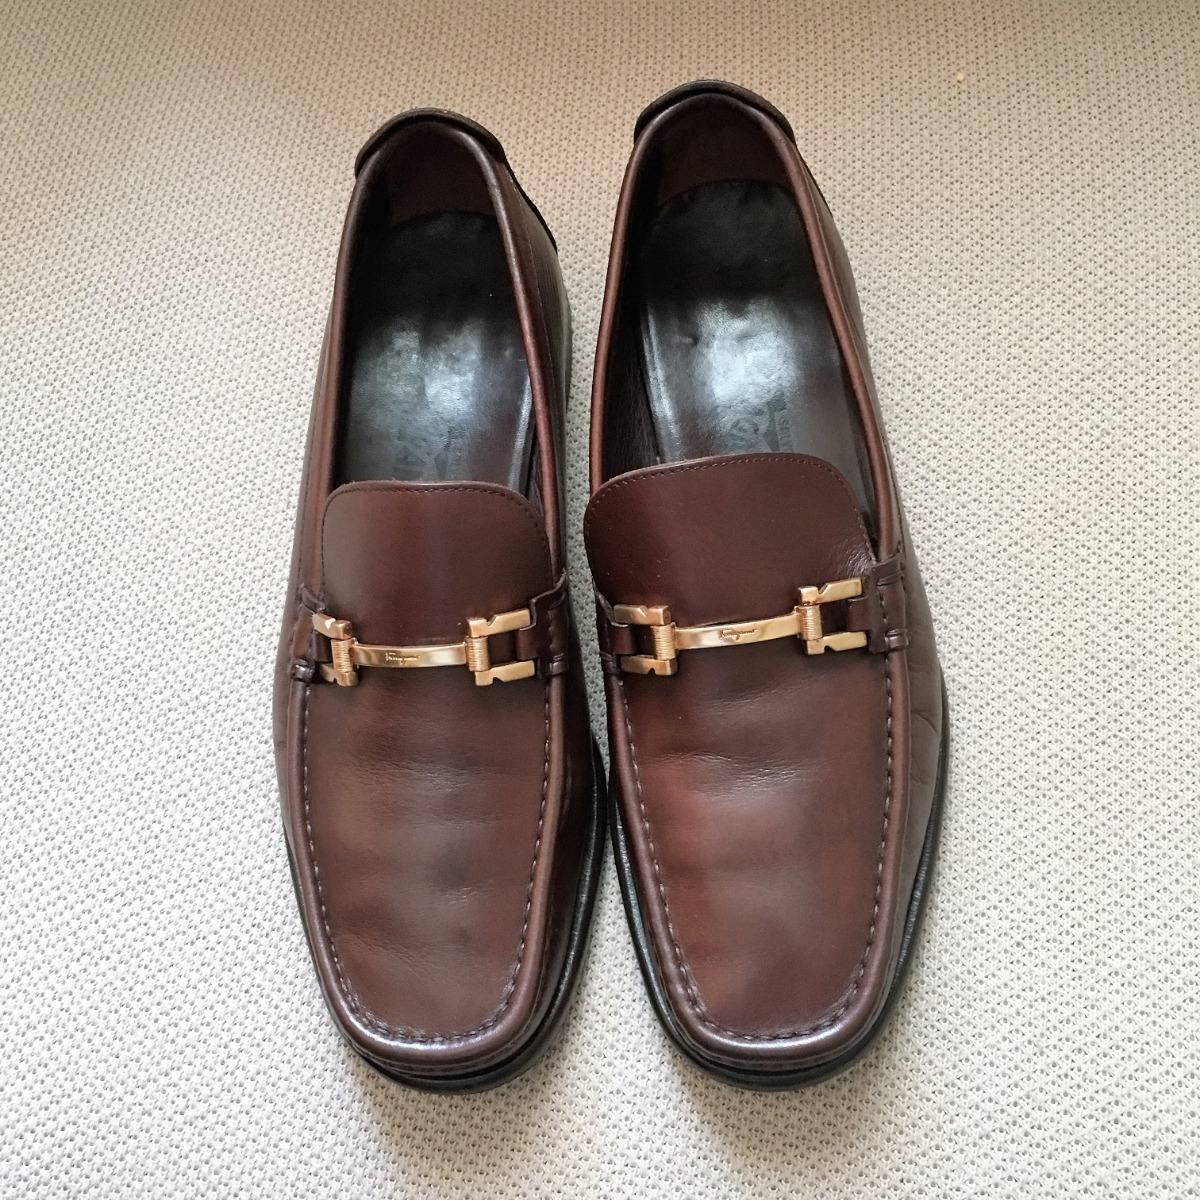 d7eb011f1d24b sapato mocassim ferragamo masculino 42 usado. Carregando zoom.